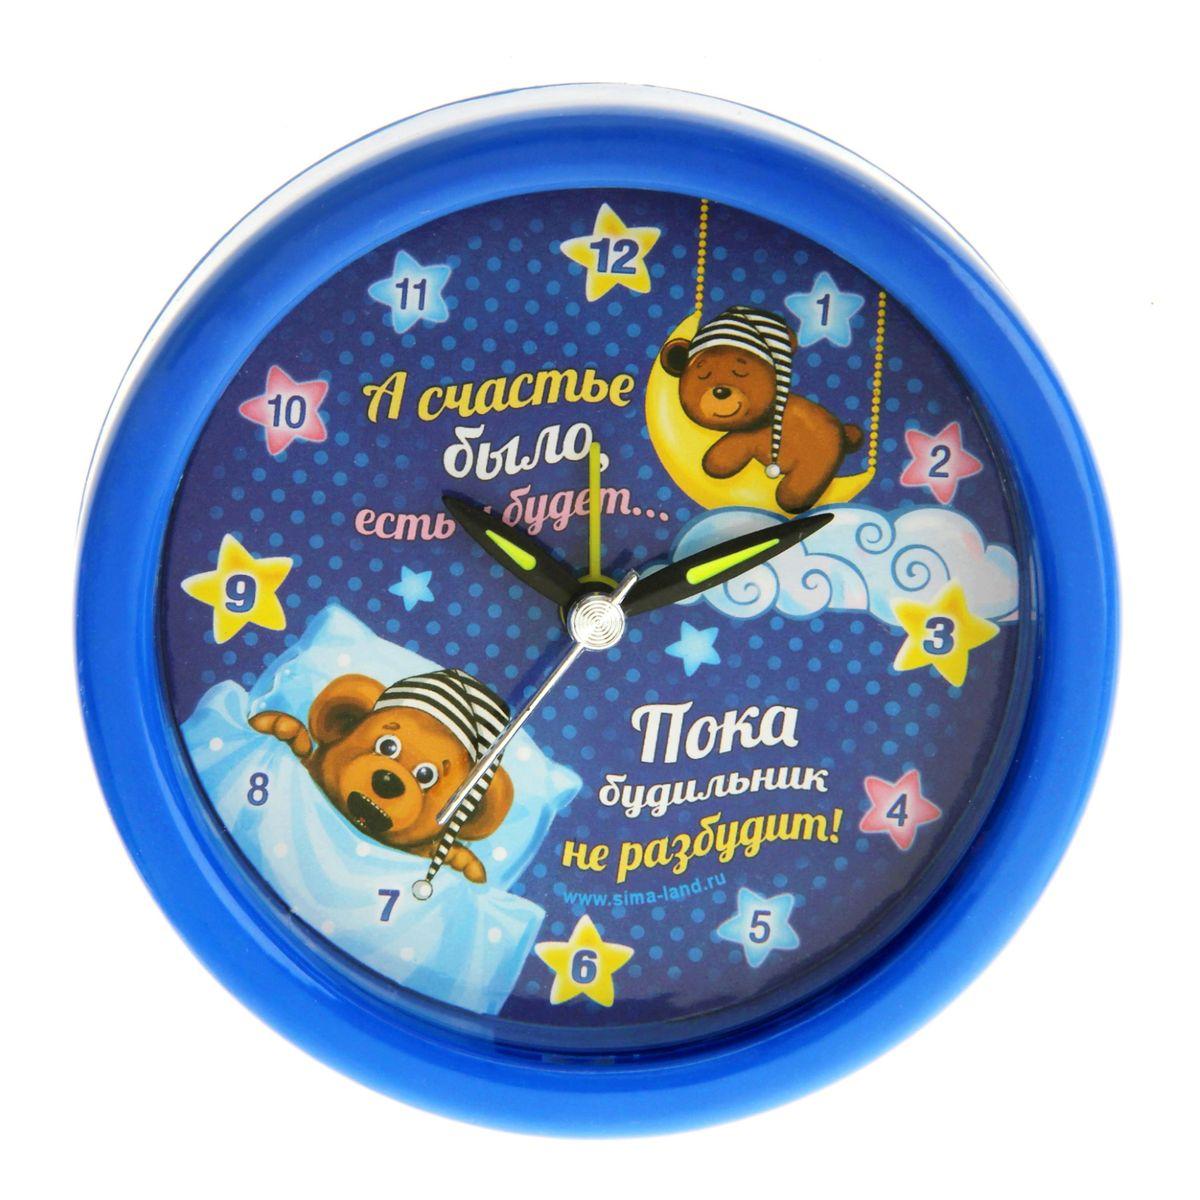 Часы-будильник Sima-land Счастье есть и будет843444Как же сложно иногда вставать вовремя! Всегда так хочется поспать еще хотябы 5 минут ибывает,что мы просыпаем. Теперь этого не случится! Яркий, оригинальный будильникSima-land Счастье есть и будетпоможет вам всегдавставать в нужное время и успевать везде и всюду. Будильник украсит вашукомнату и приведет в восхищение друзей. Время показываетточно и будит вустановленный час. На задней панели будильника расположены переключательвключения/выключения механизма,атакже два колесика для настройки текущего времени и времени звонкабудильника.Будильник работает от 1 батарейки типа AA напряжением 1,5V (не входит в комплект).